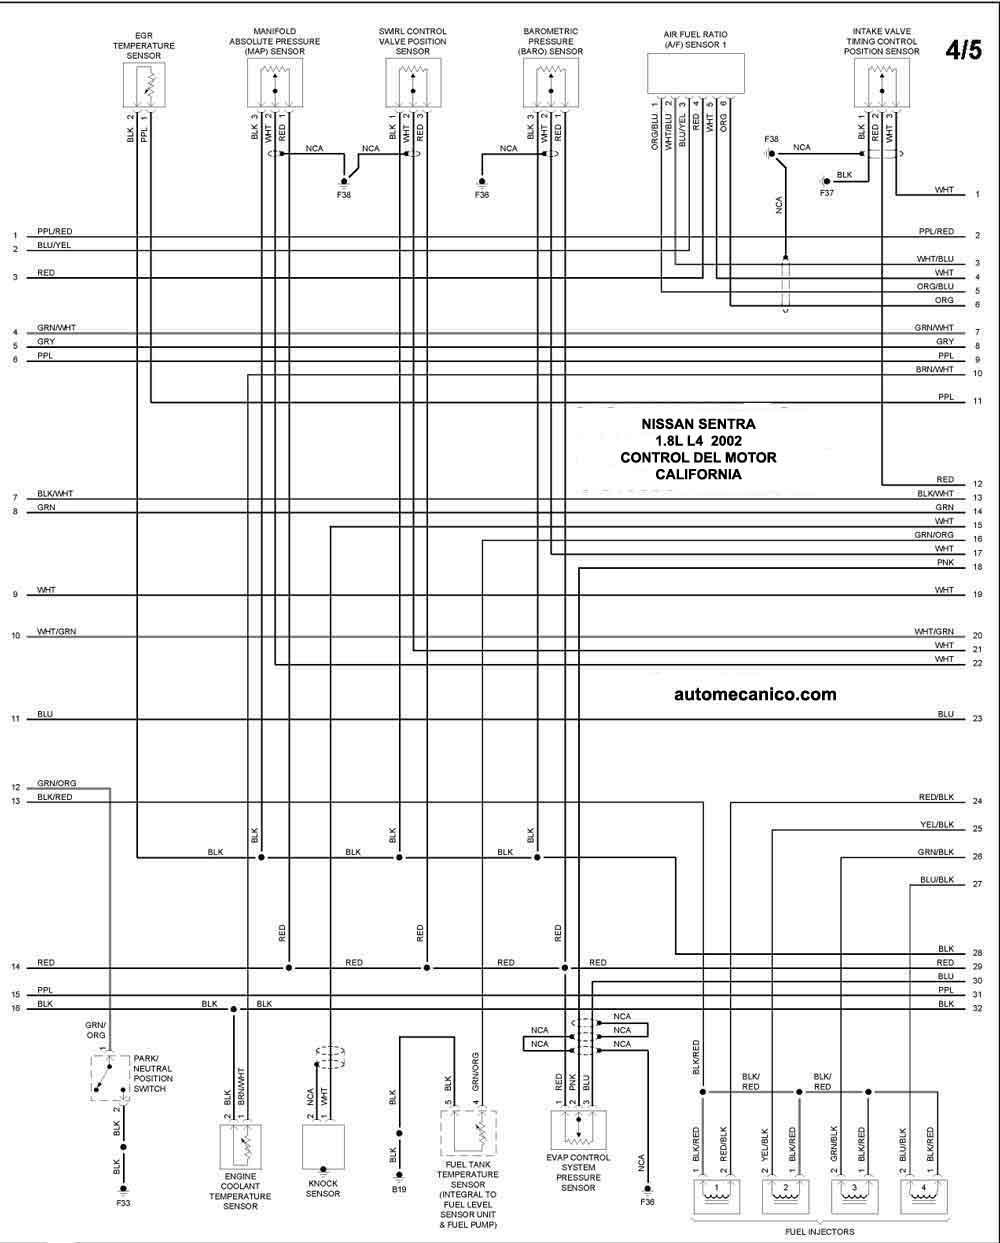 medium resolution of de tiempo nissan sentra 2002 on nissan altima 2001 2 4 engine diagram symbols moreover diagrama de nissan sentra 2001